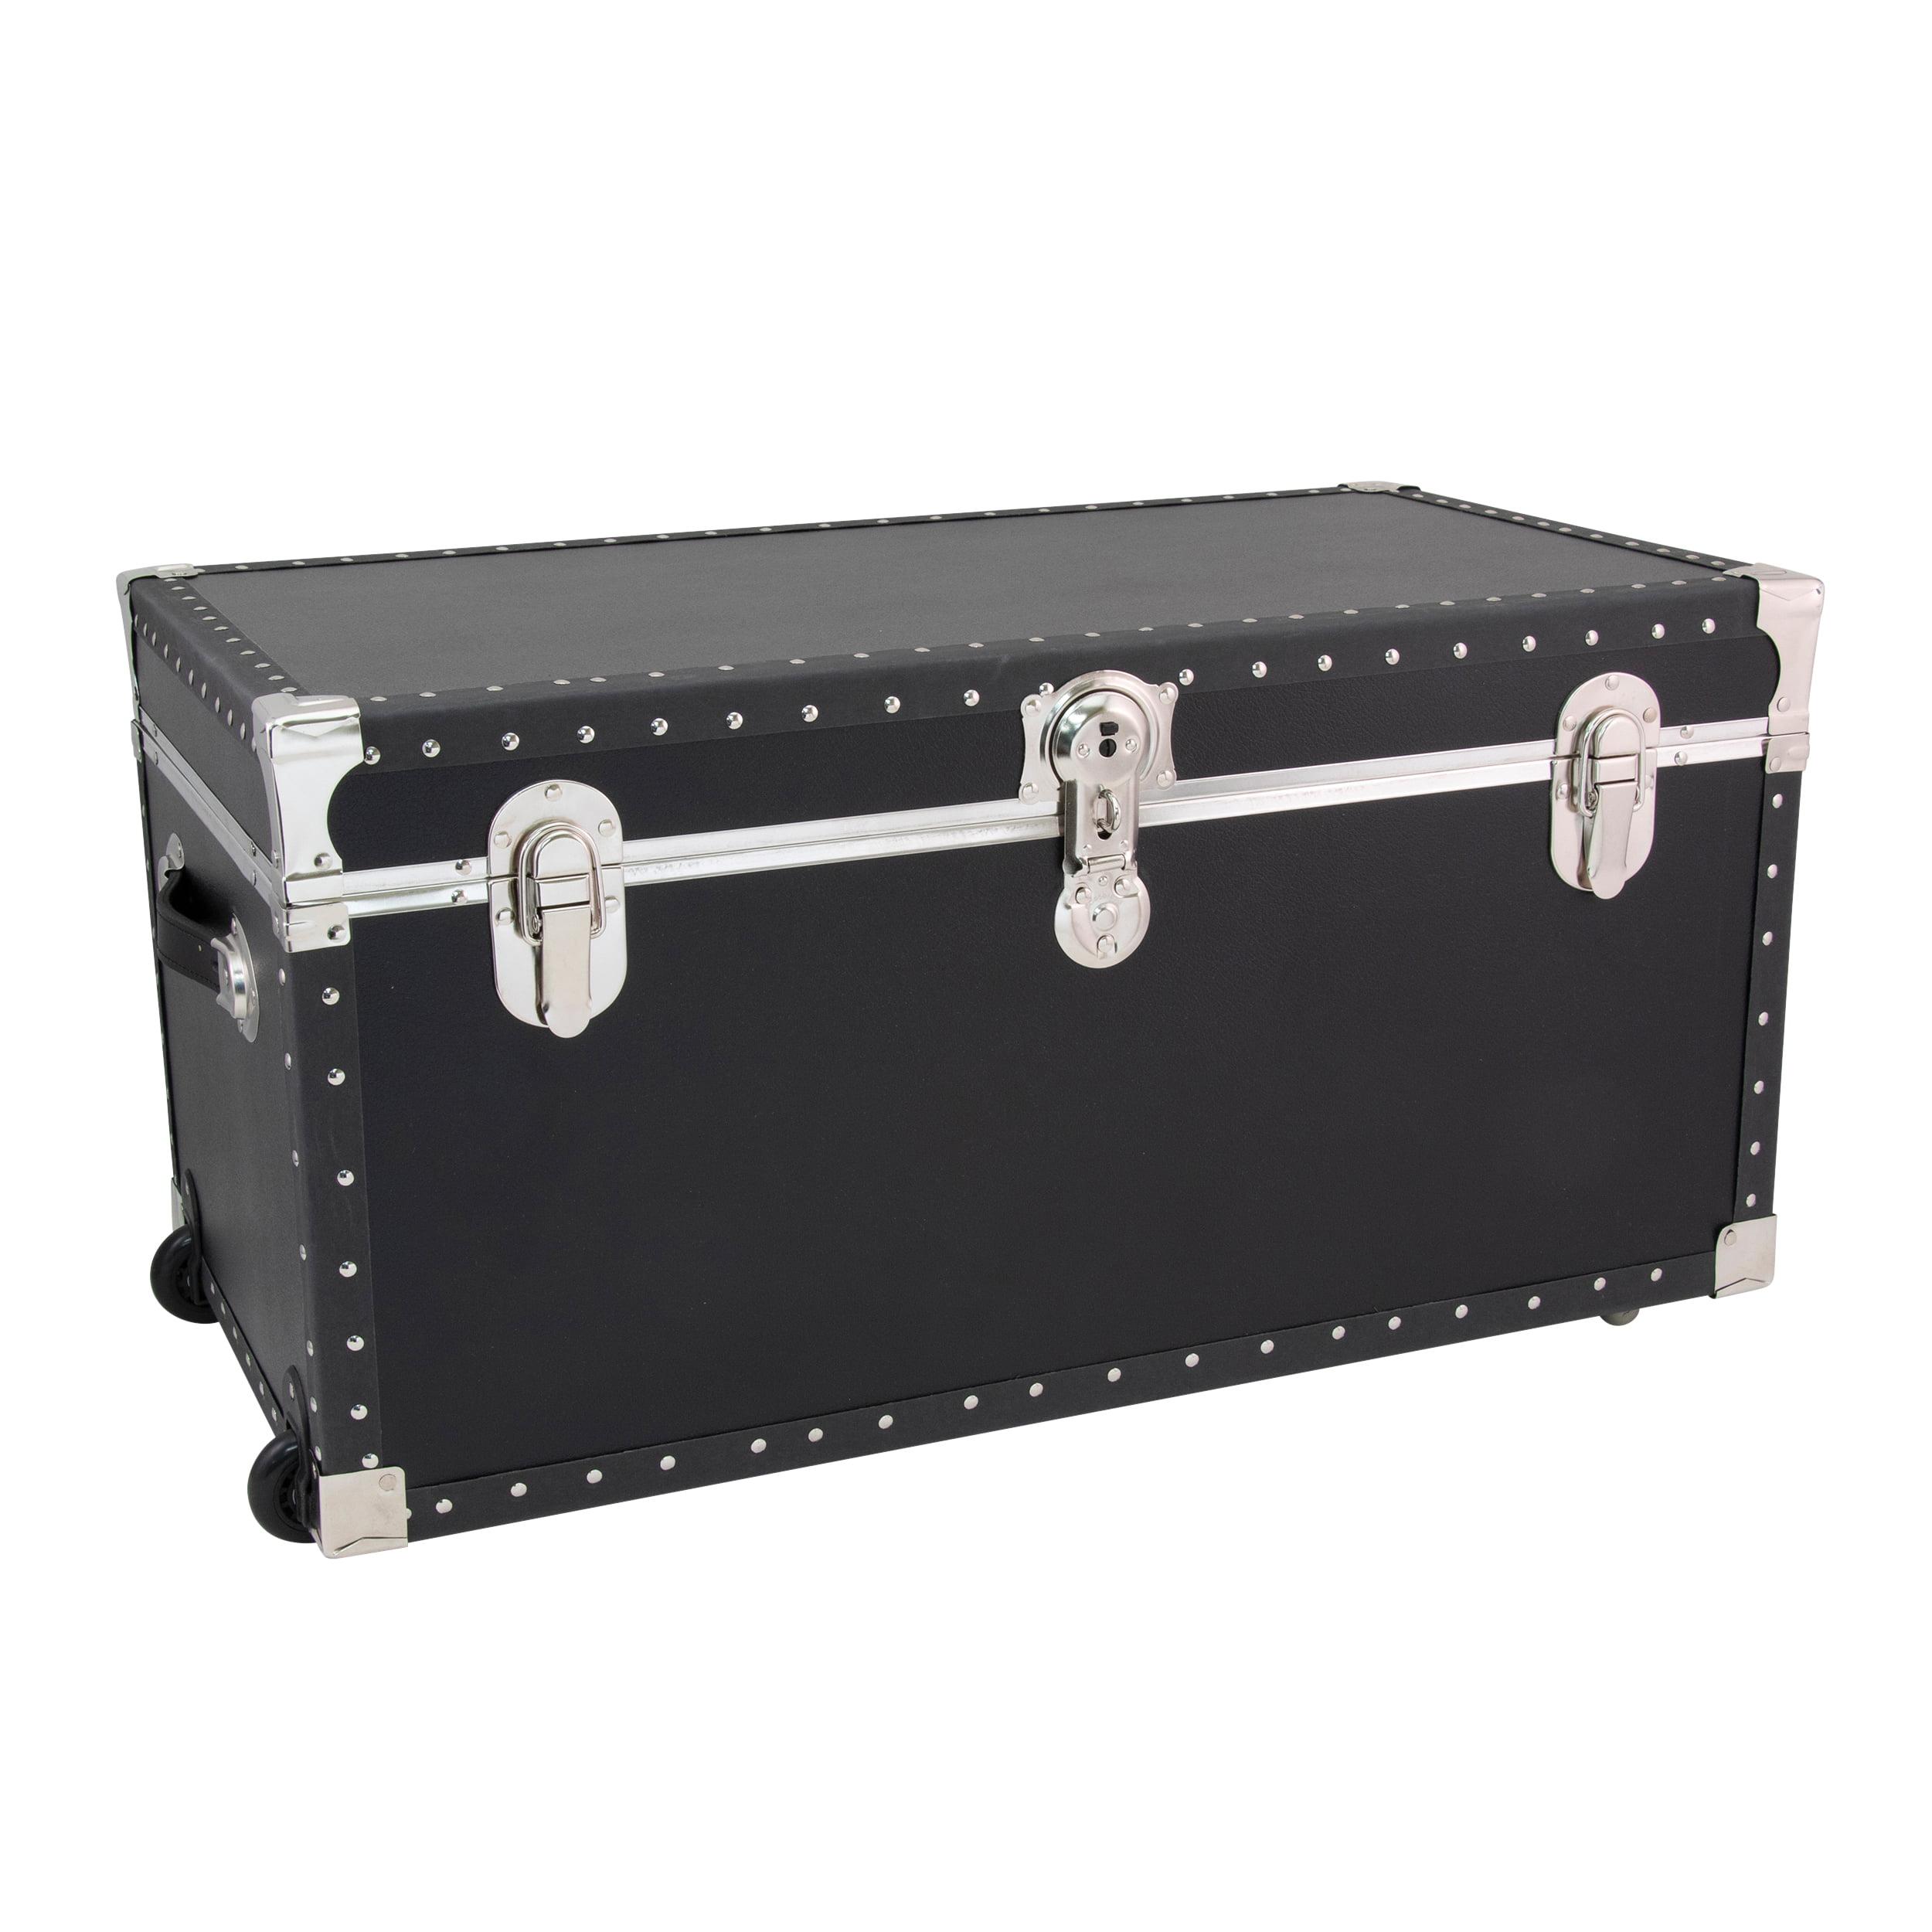 Seward Trunk Trailblazer 31-Inch Footlocker Trunk with Wheels, Black